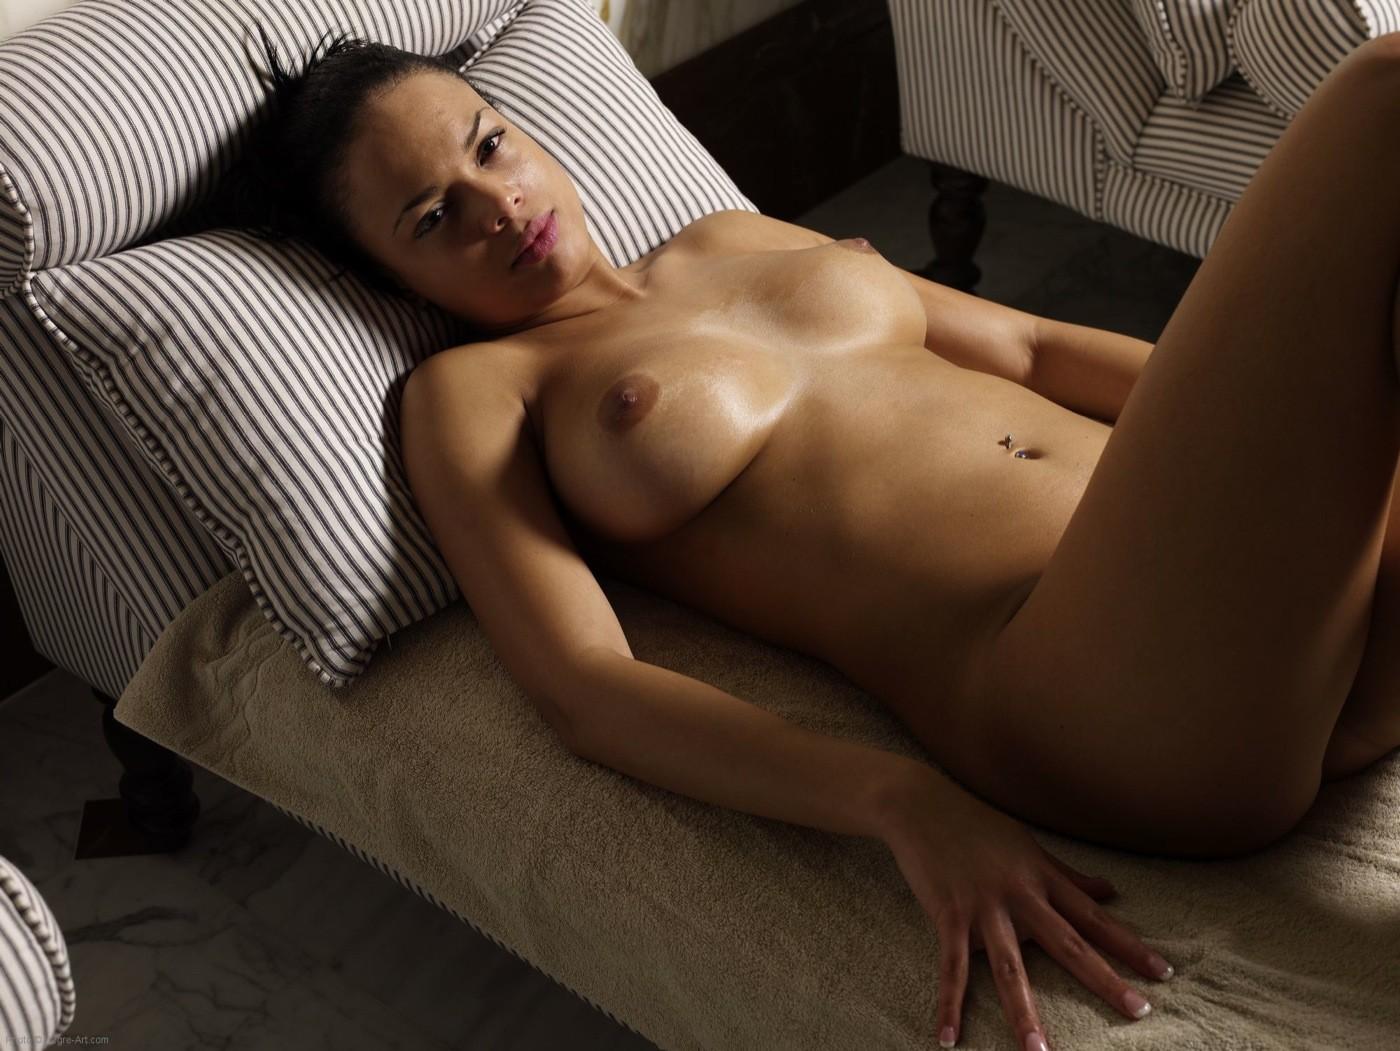 Бразильская девушка с сочной попой и большой грудью - фото